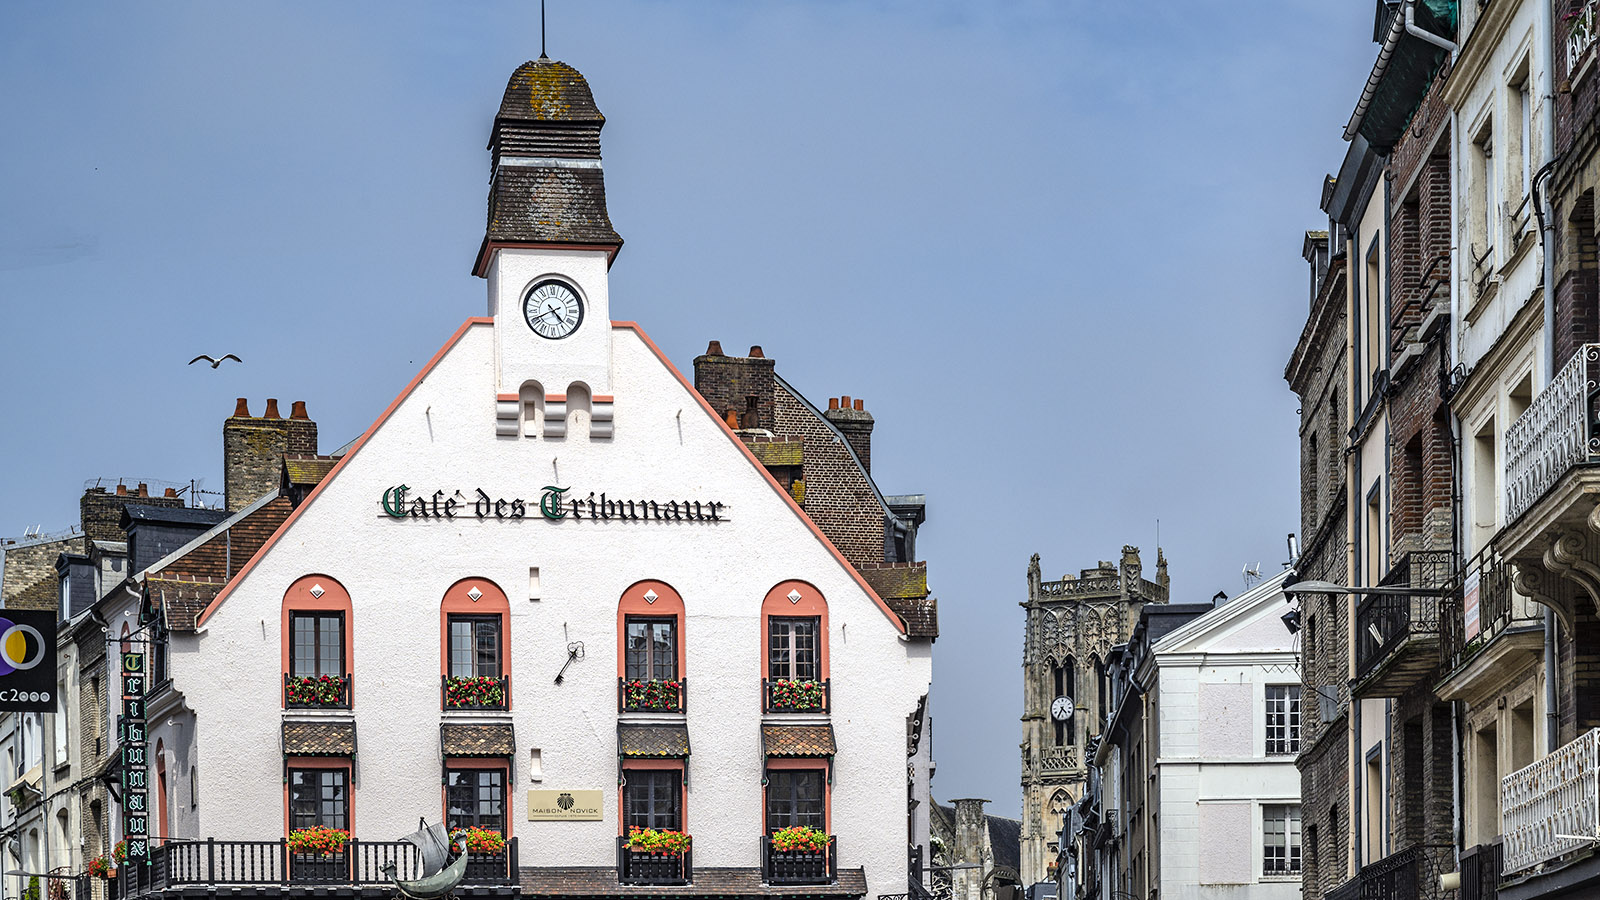 Das Cafés des Tribunaux ist seit Jahrhunderten der Treffpunkt von Einheimischen und Fremden. Foto: Hilke Maunder